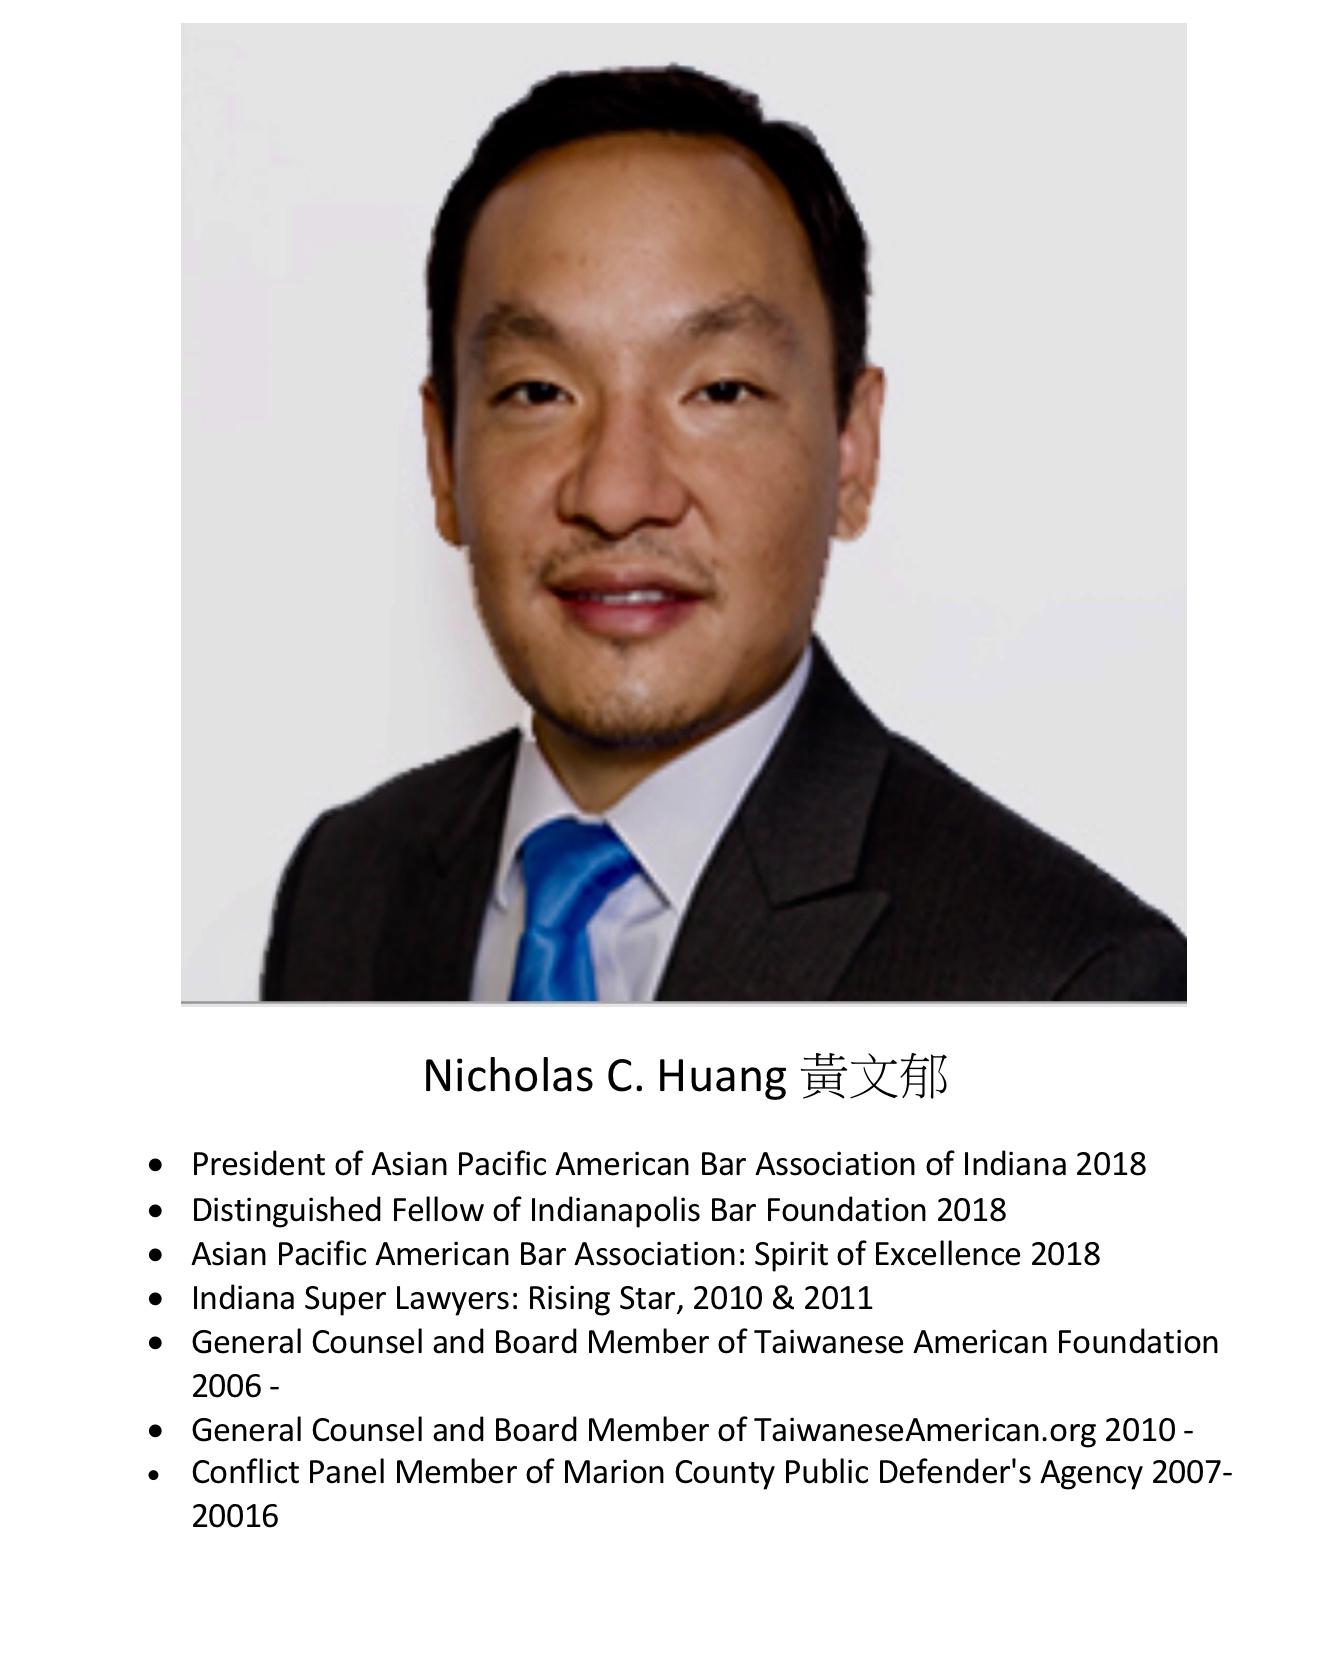 214. Nicholas C. Huang 黃文郁